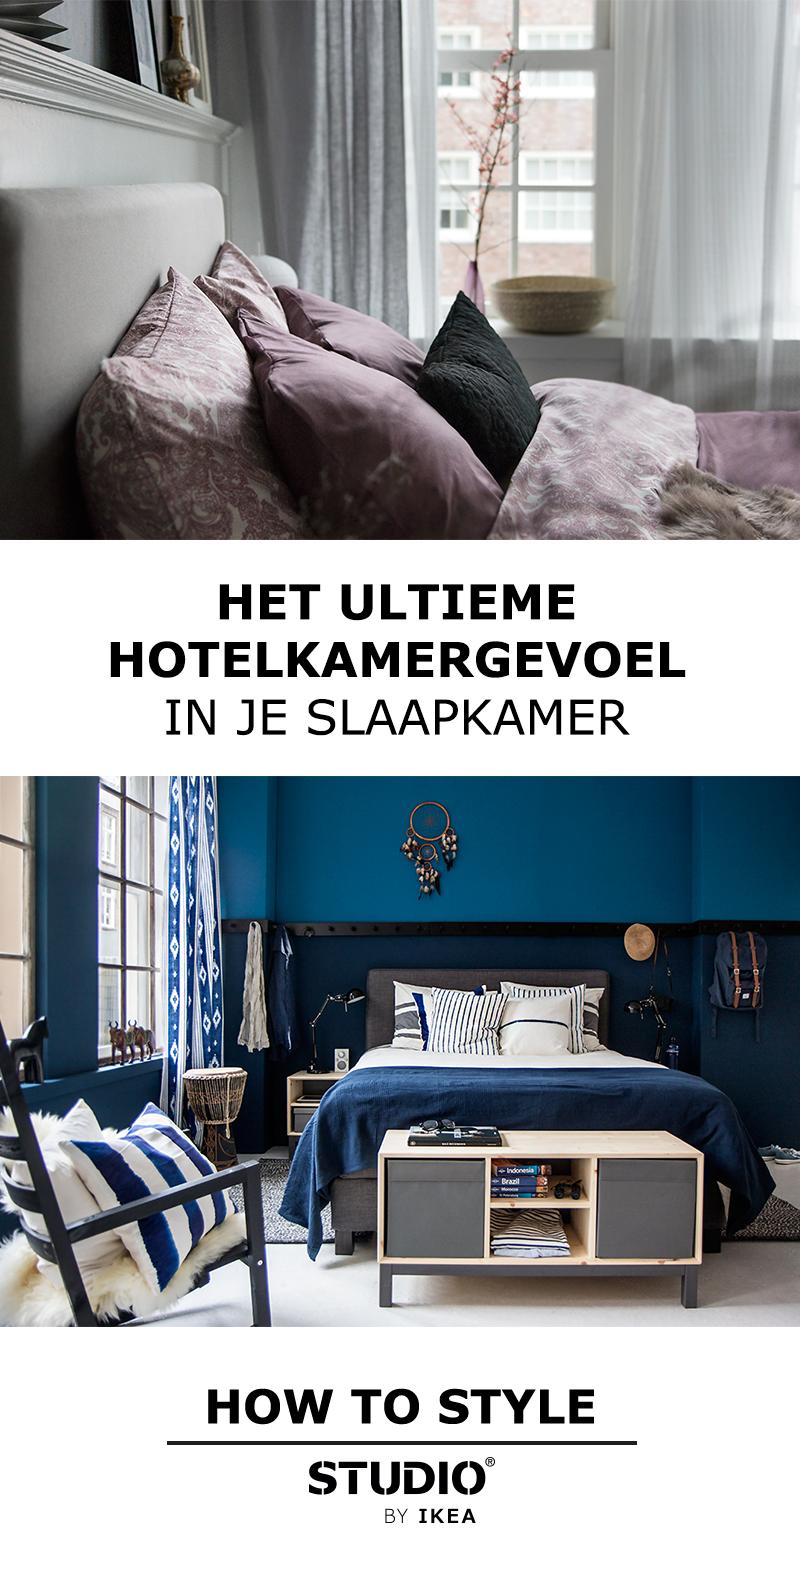 studioikea - het ultieme hotelkamergevoel   #studiobyikea, Deco ideeën